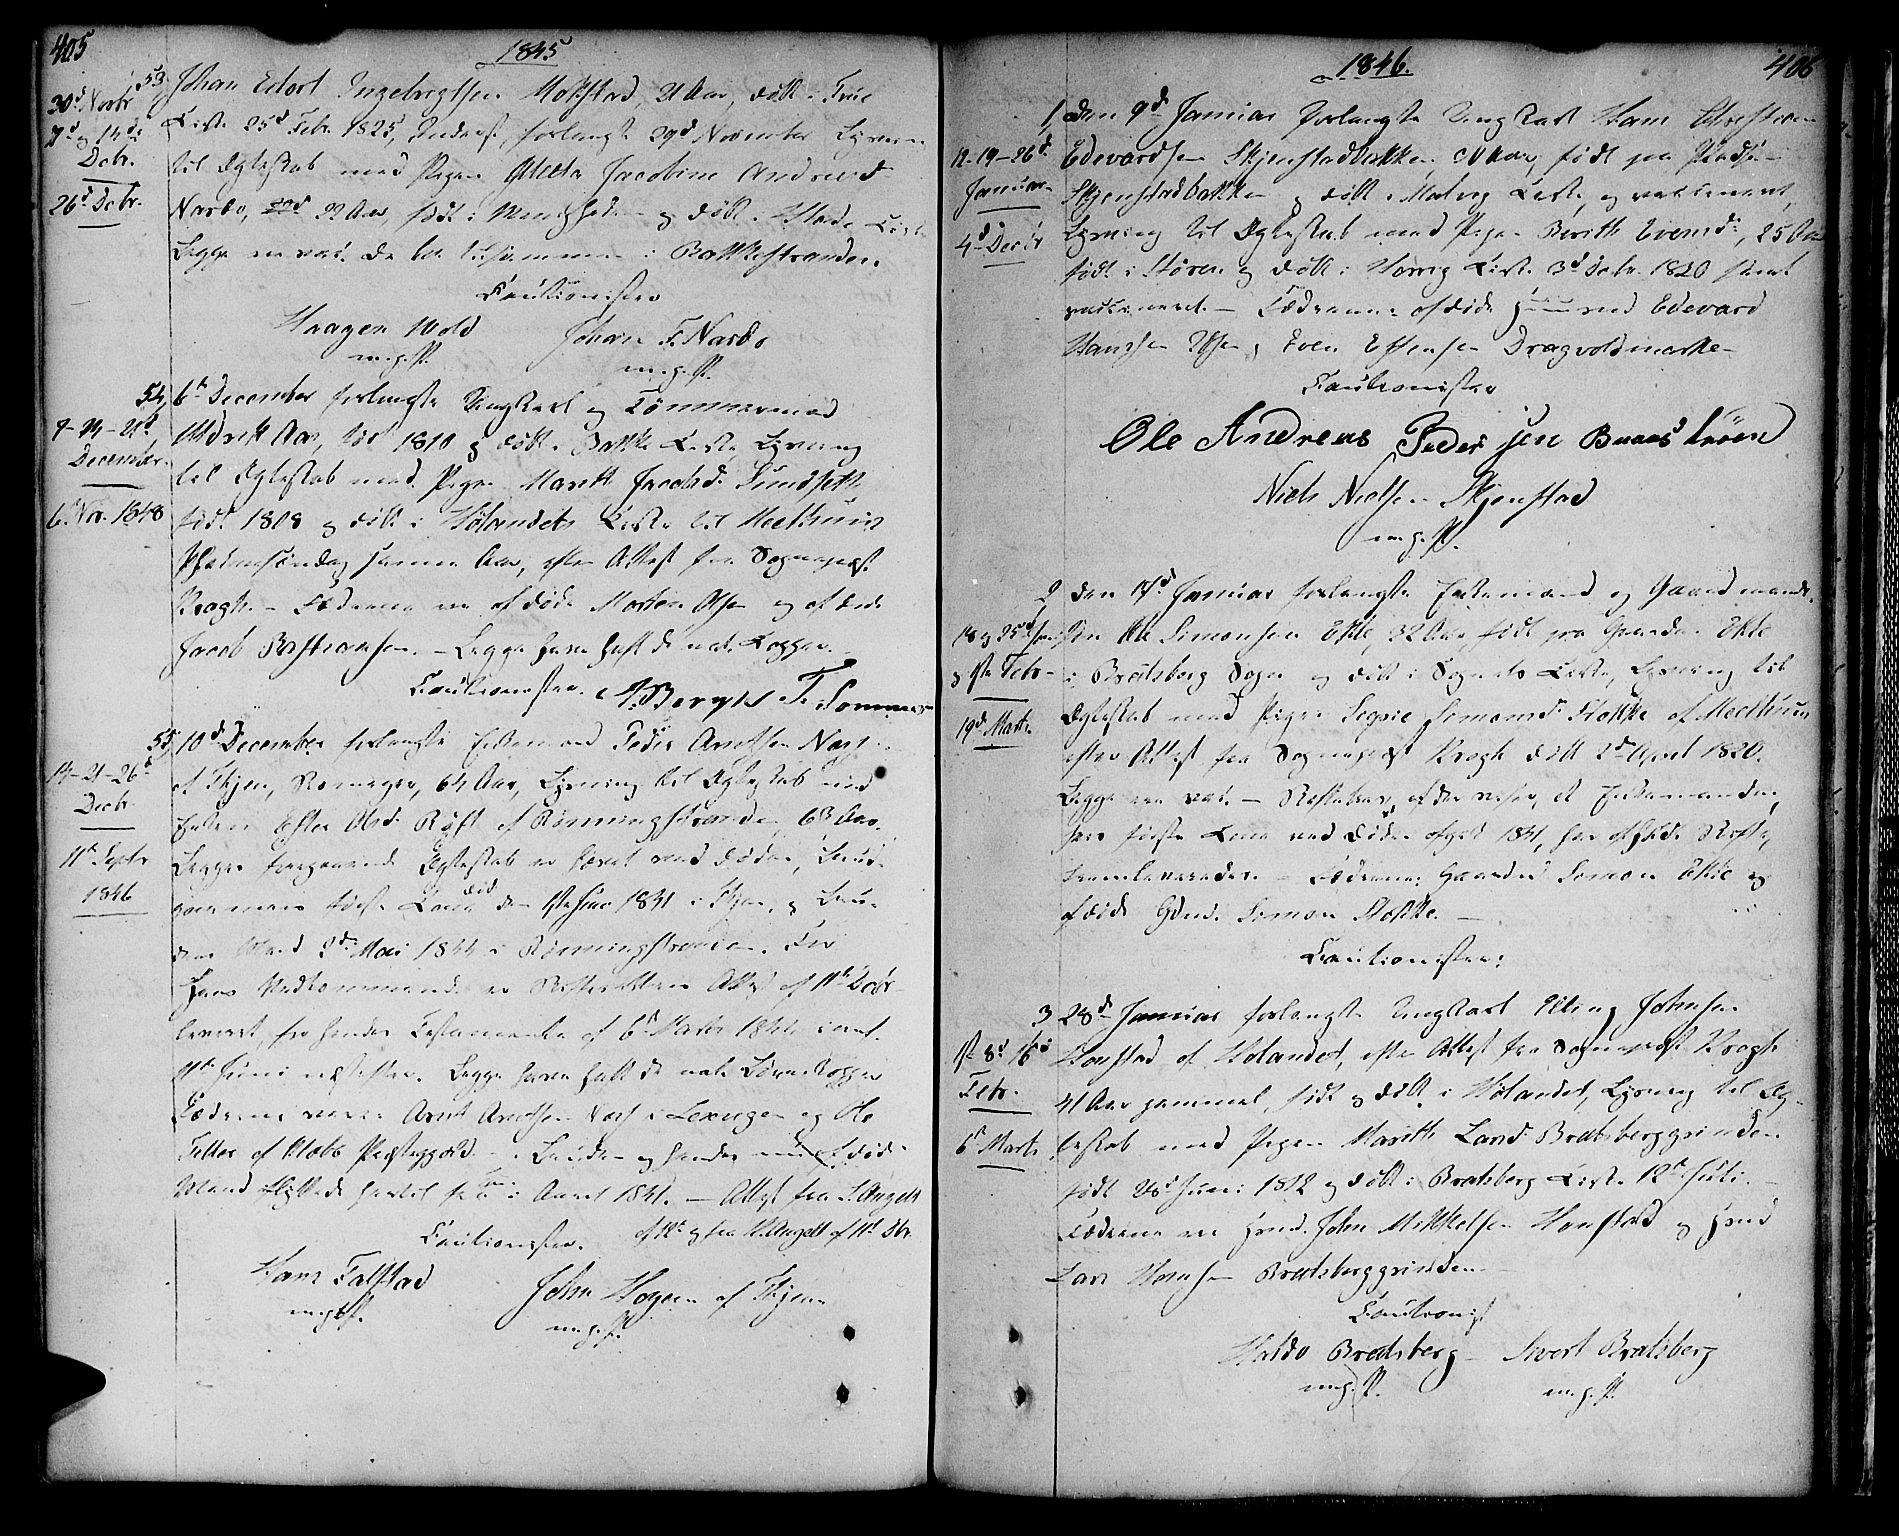 SAT, Ministerialprotokoller, klokkerbøker og fødselsregistre - Sør-Trøndelag, 604/L0181: Ministerialbok nr. 604A02, 1798-1817, s. 405-406